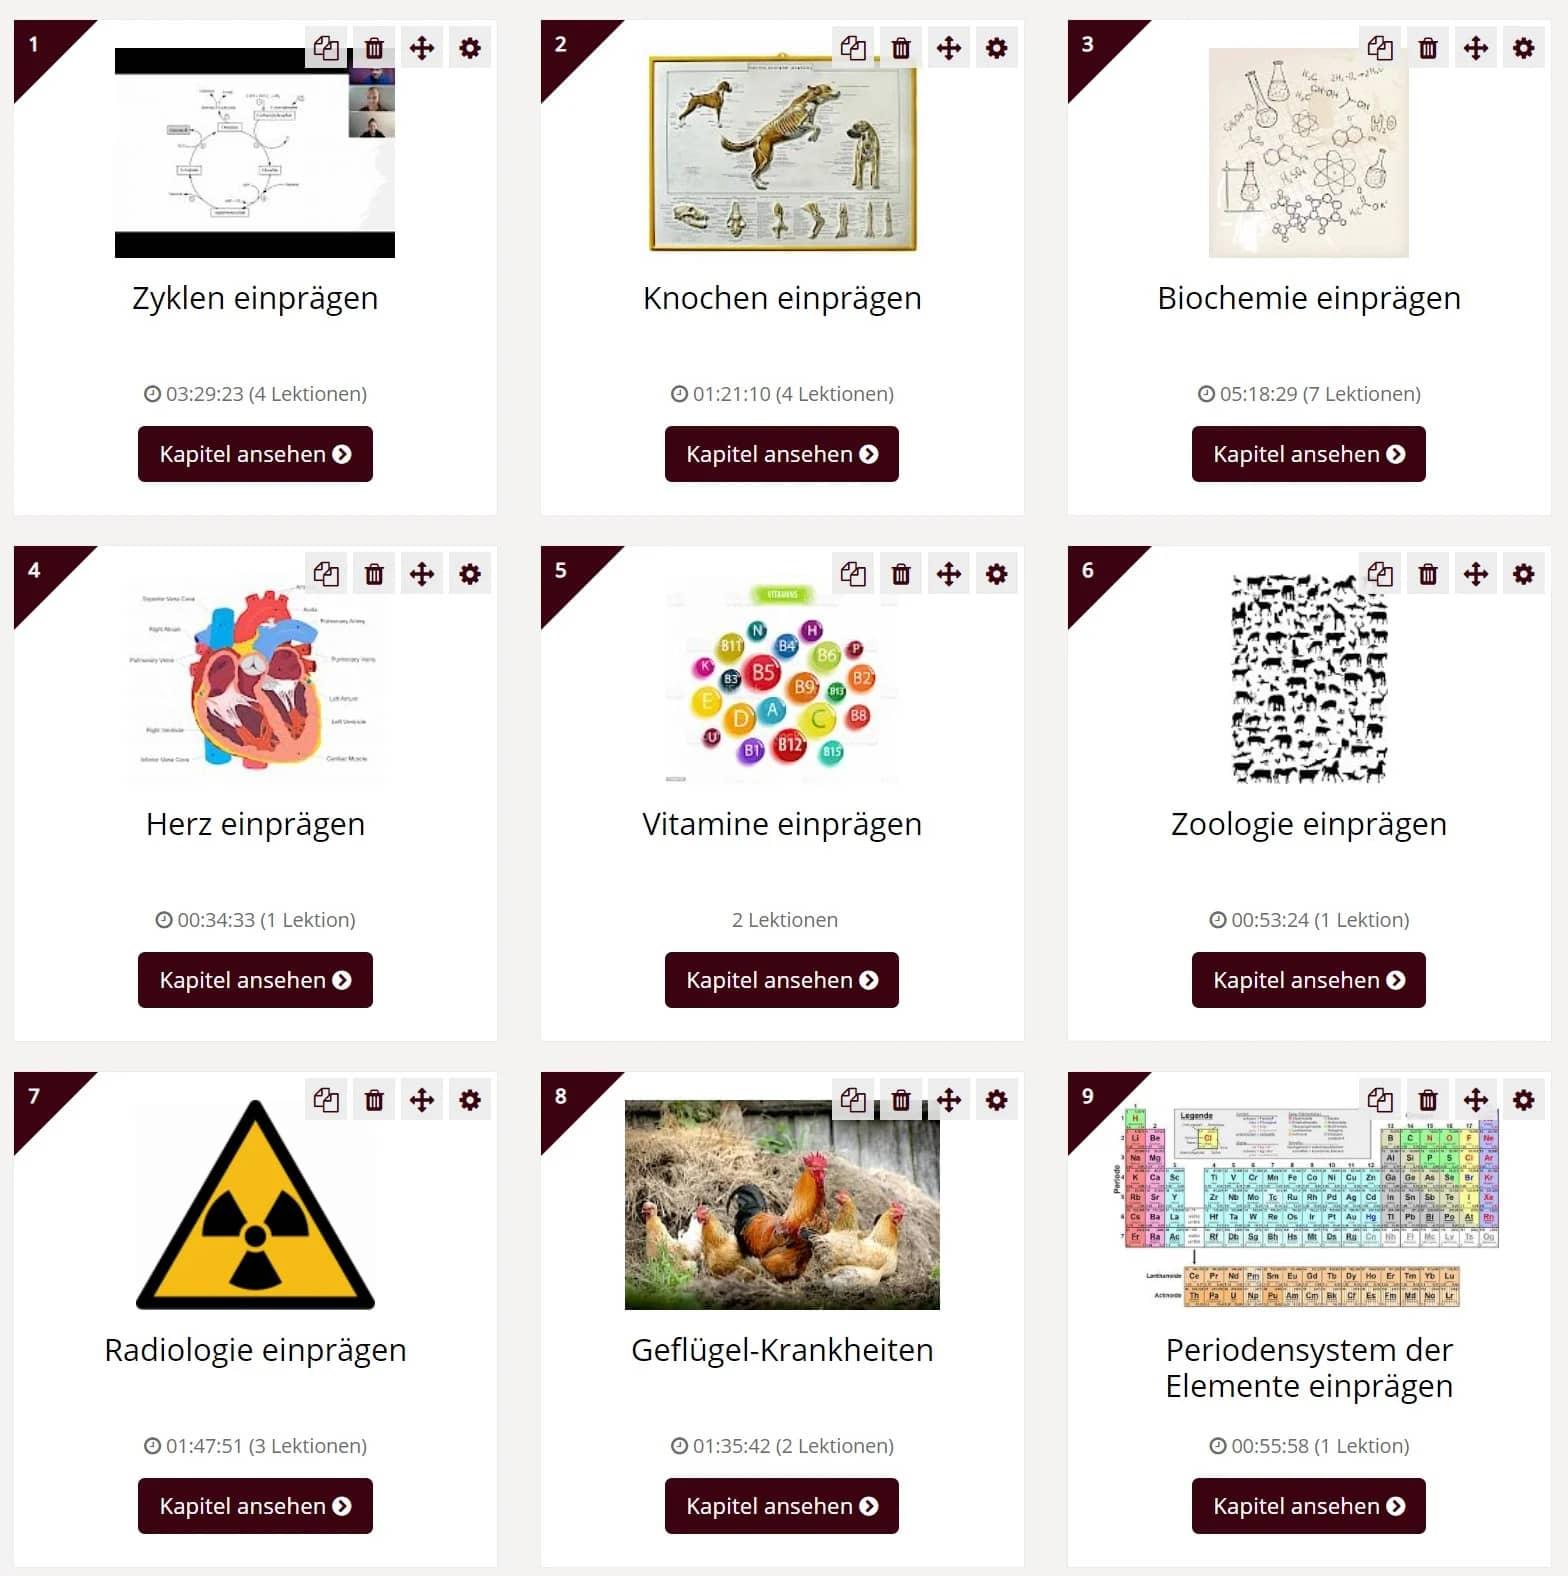 Lektionen des Tiermedizin Onlinekurses